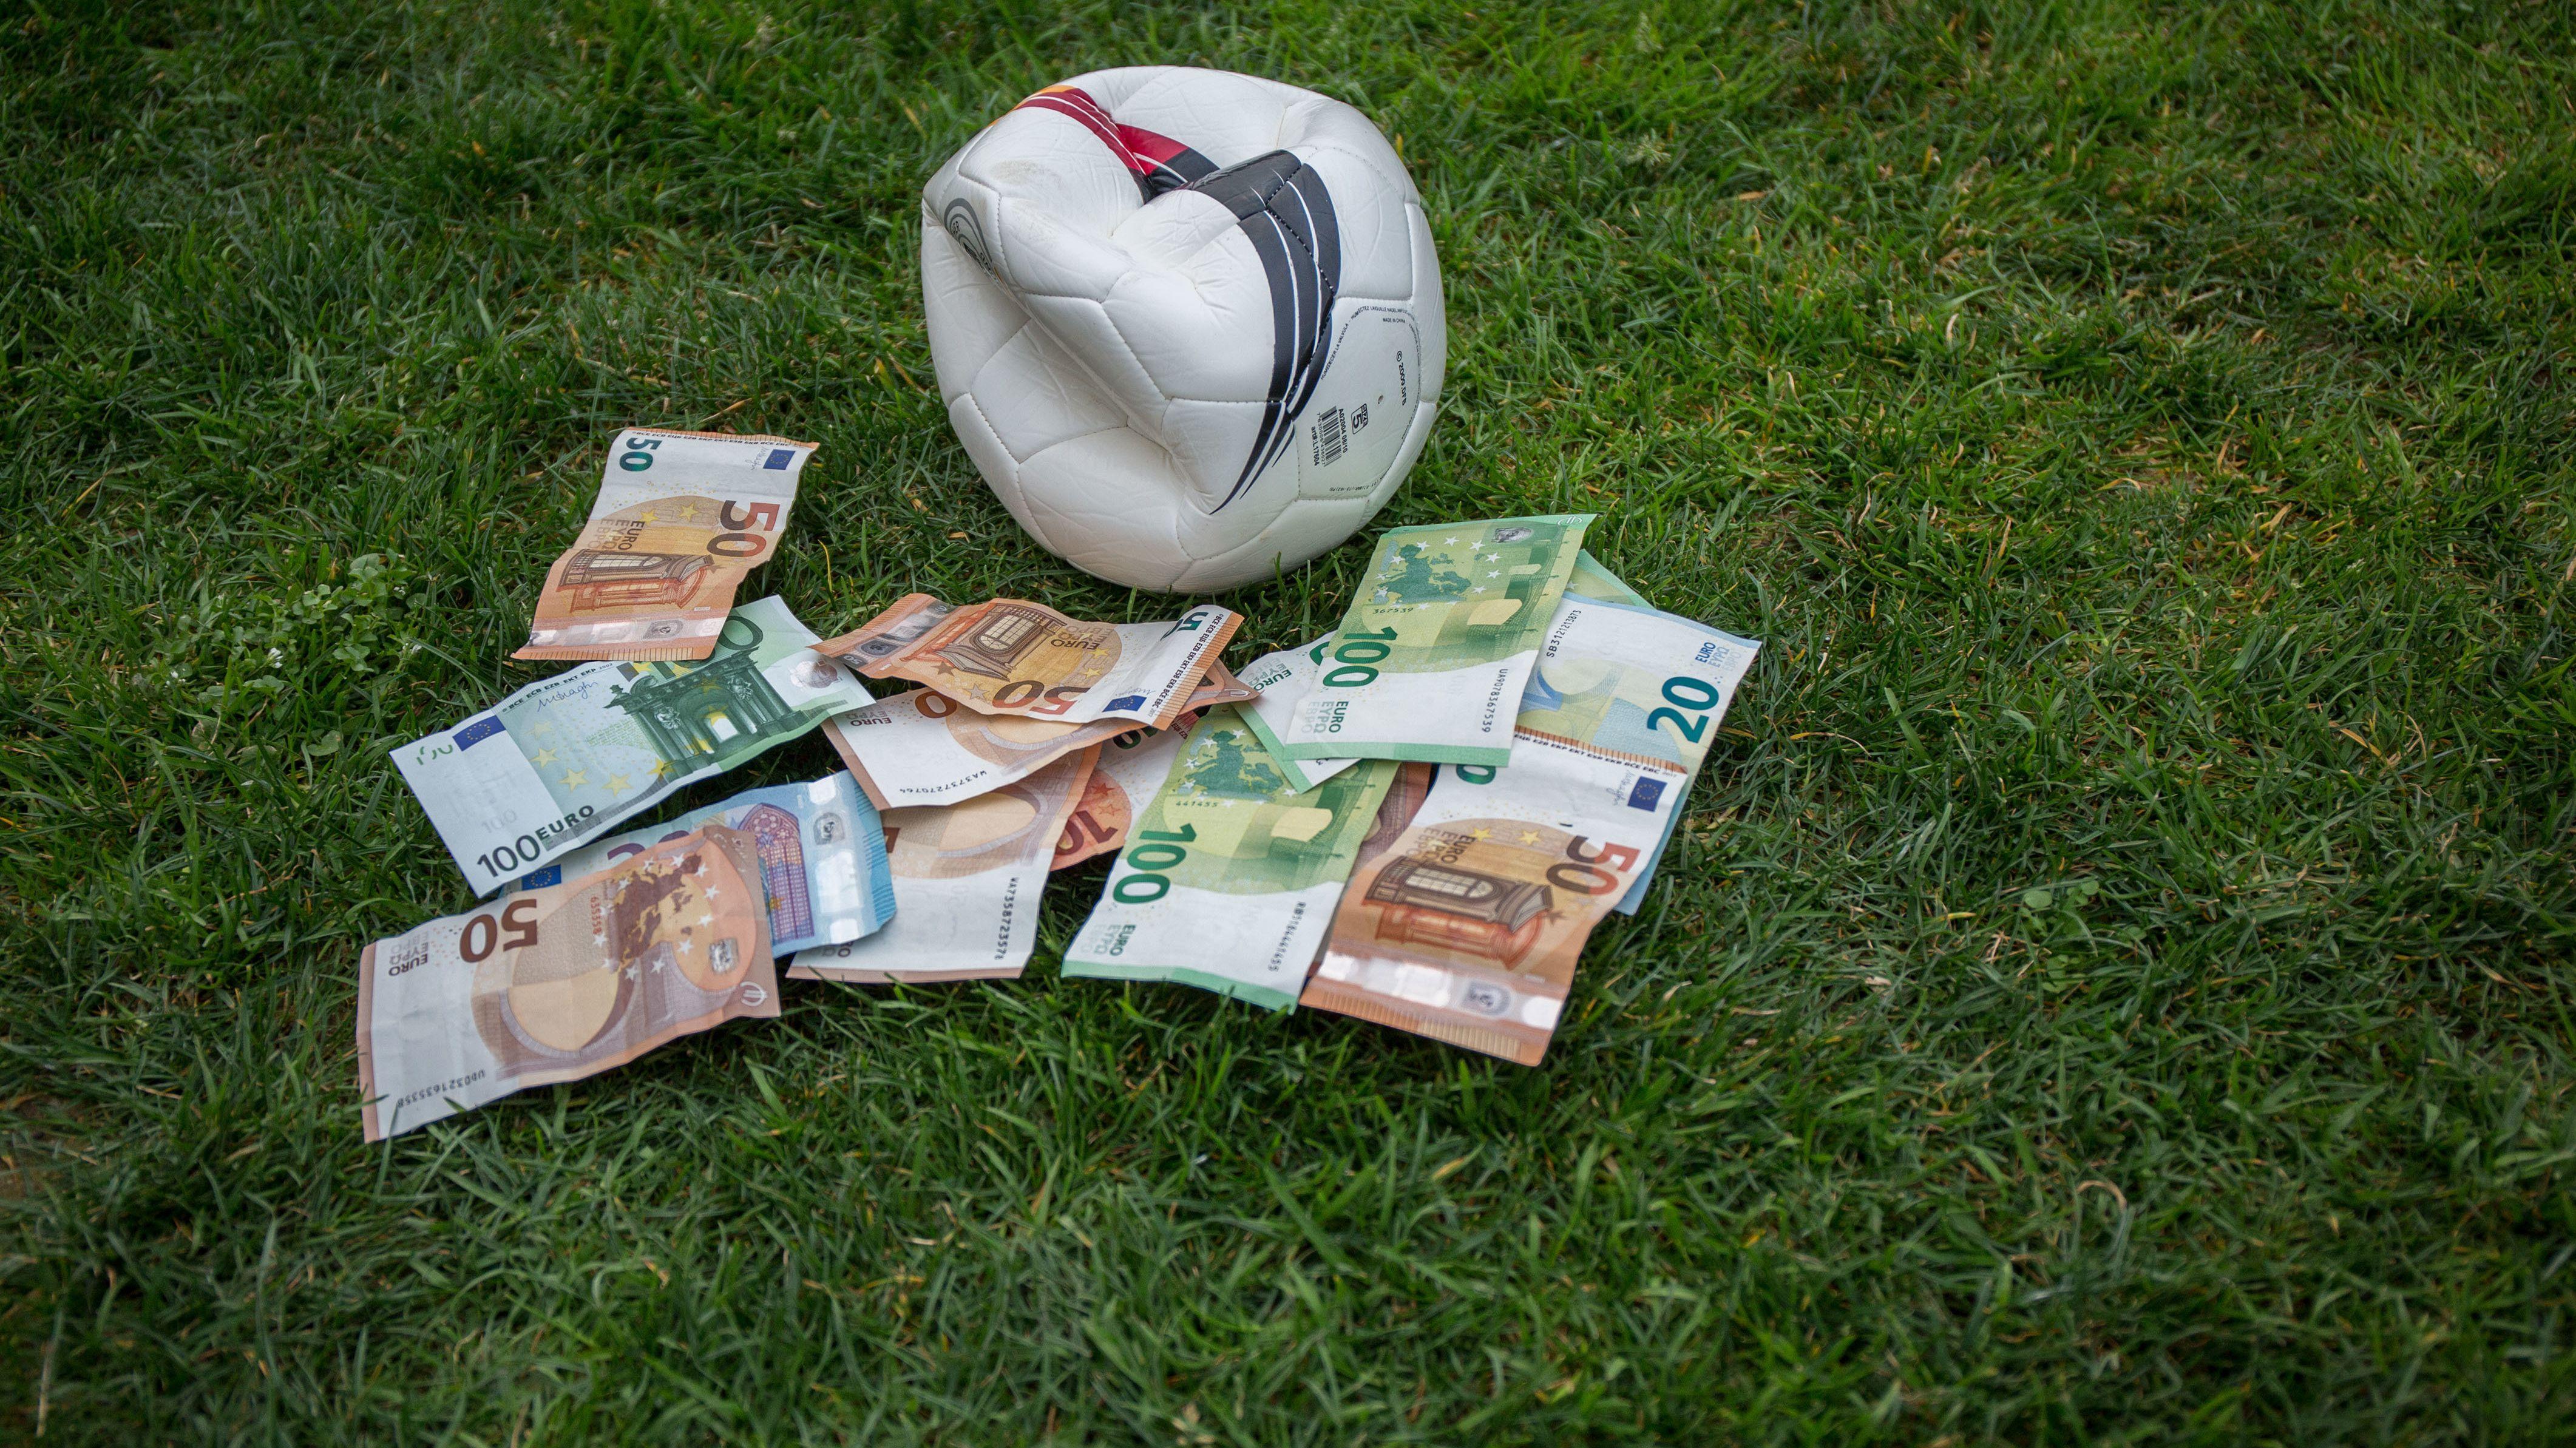 Symbolbild: Fußball und Geldscheine